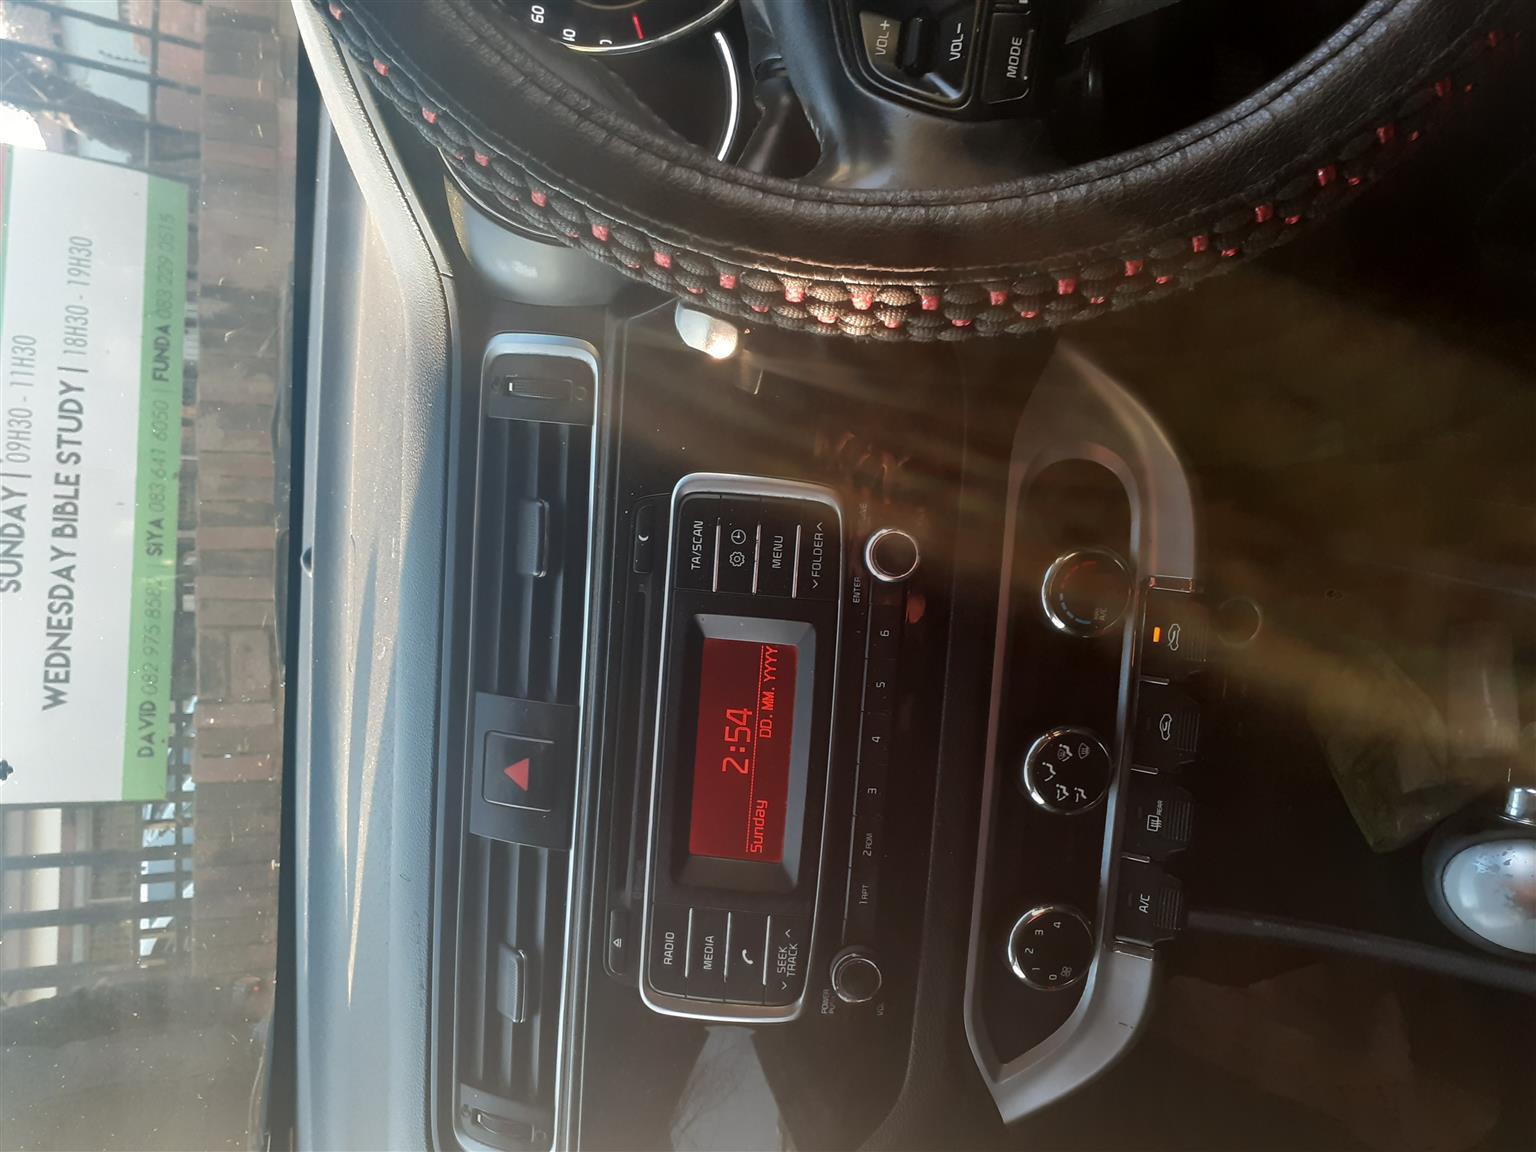 2017 Kia Rio 1.4 4 door automatic